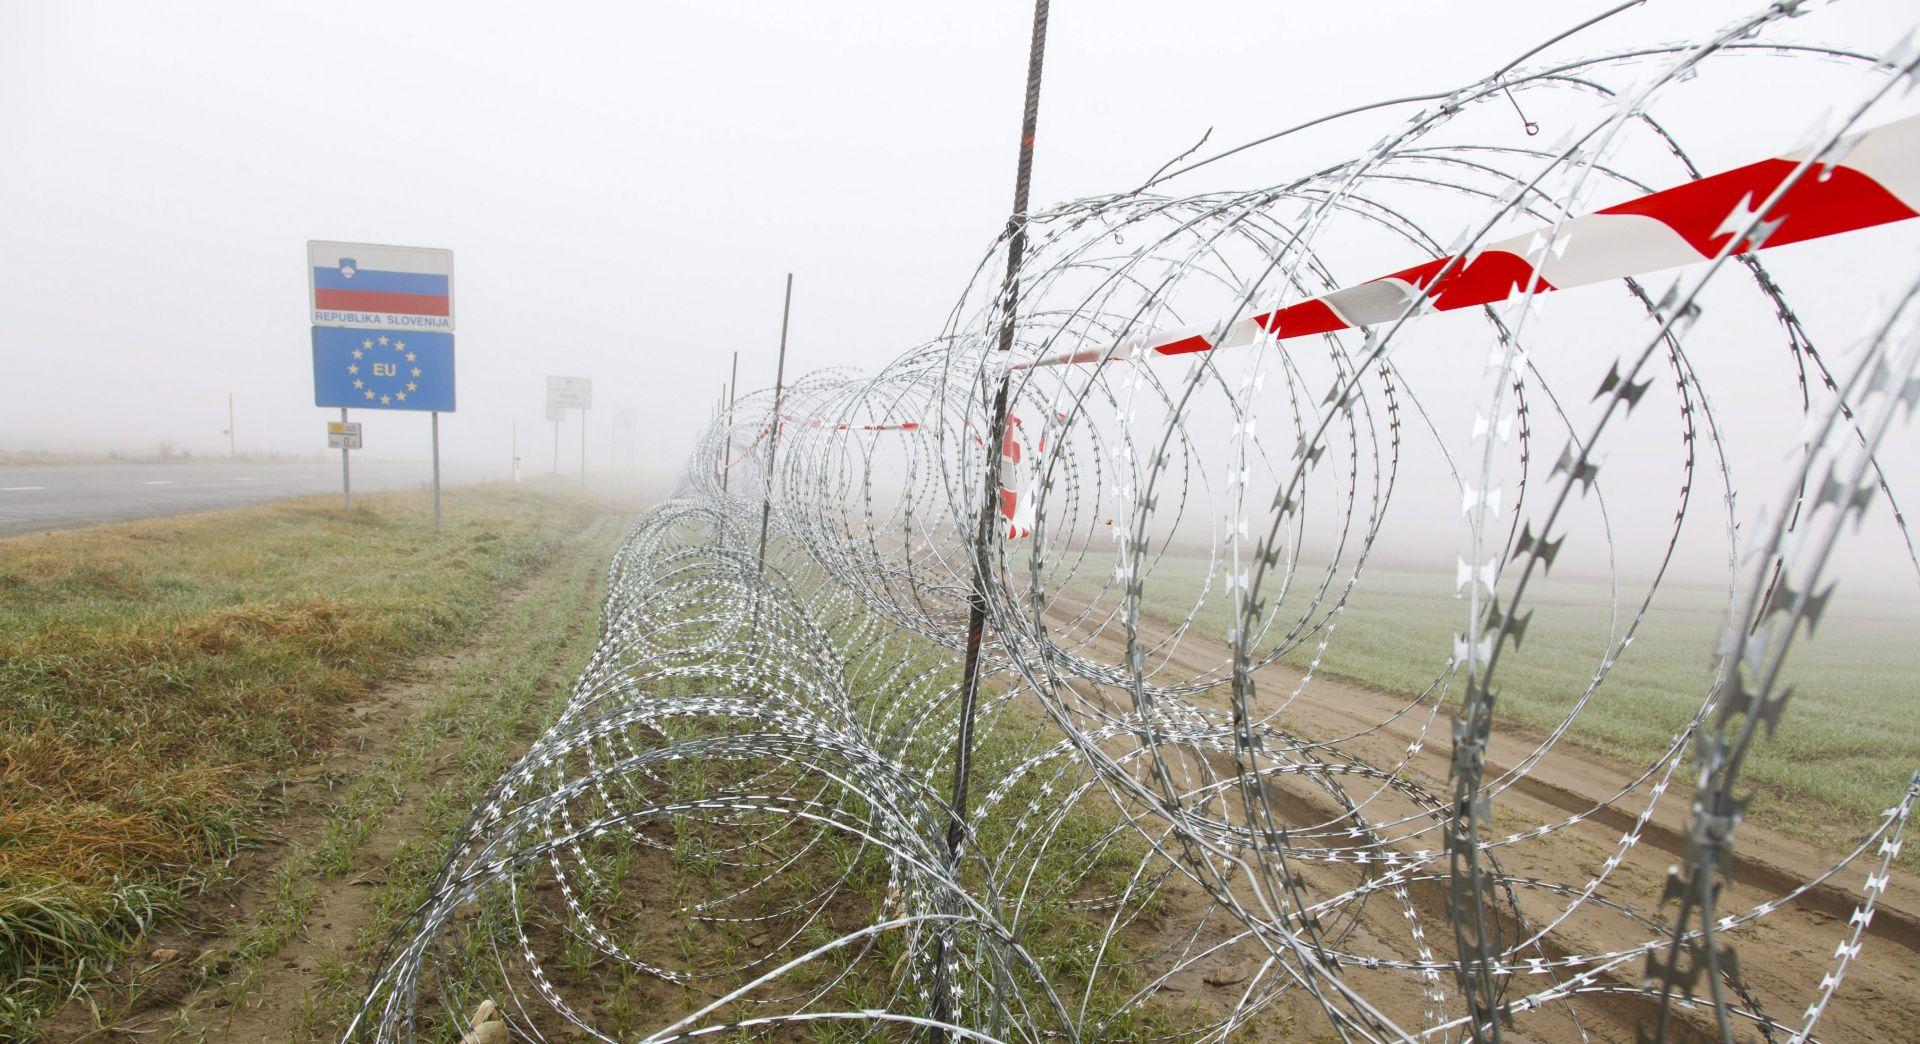 PROTIV ŽILET-ŽICE: Načelnici općina iz Istre i Slovenskog primorja apeliraju da se ukloni ograda